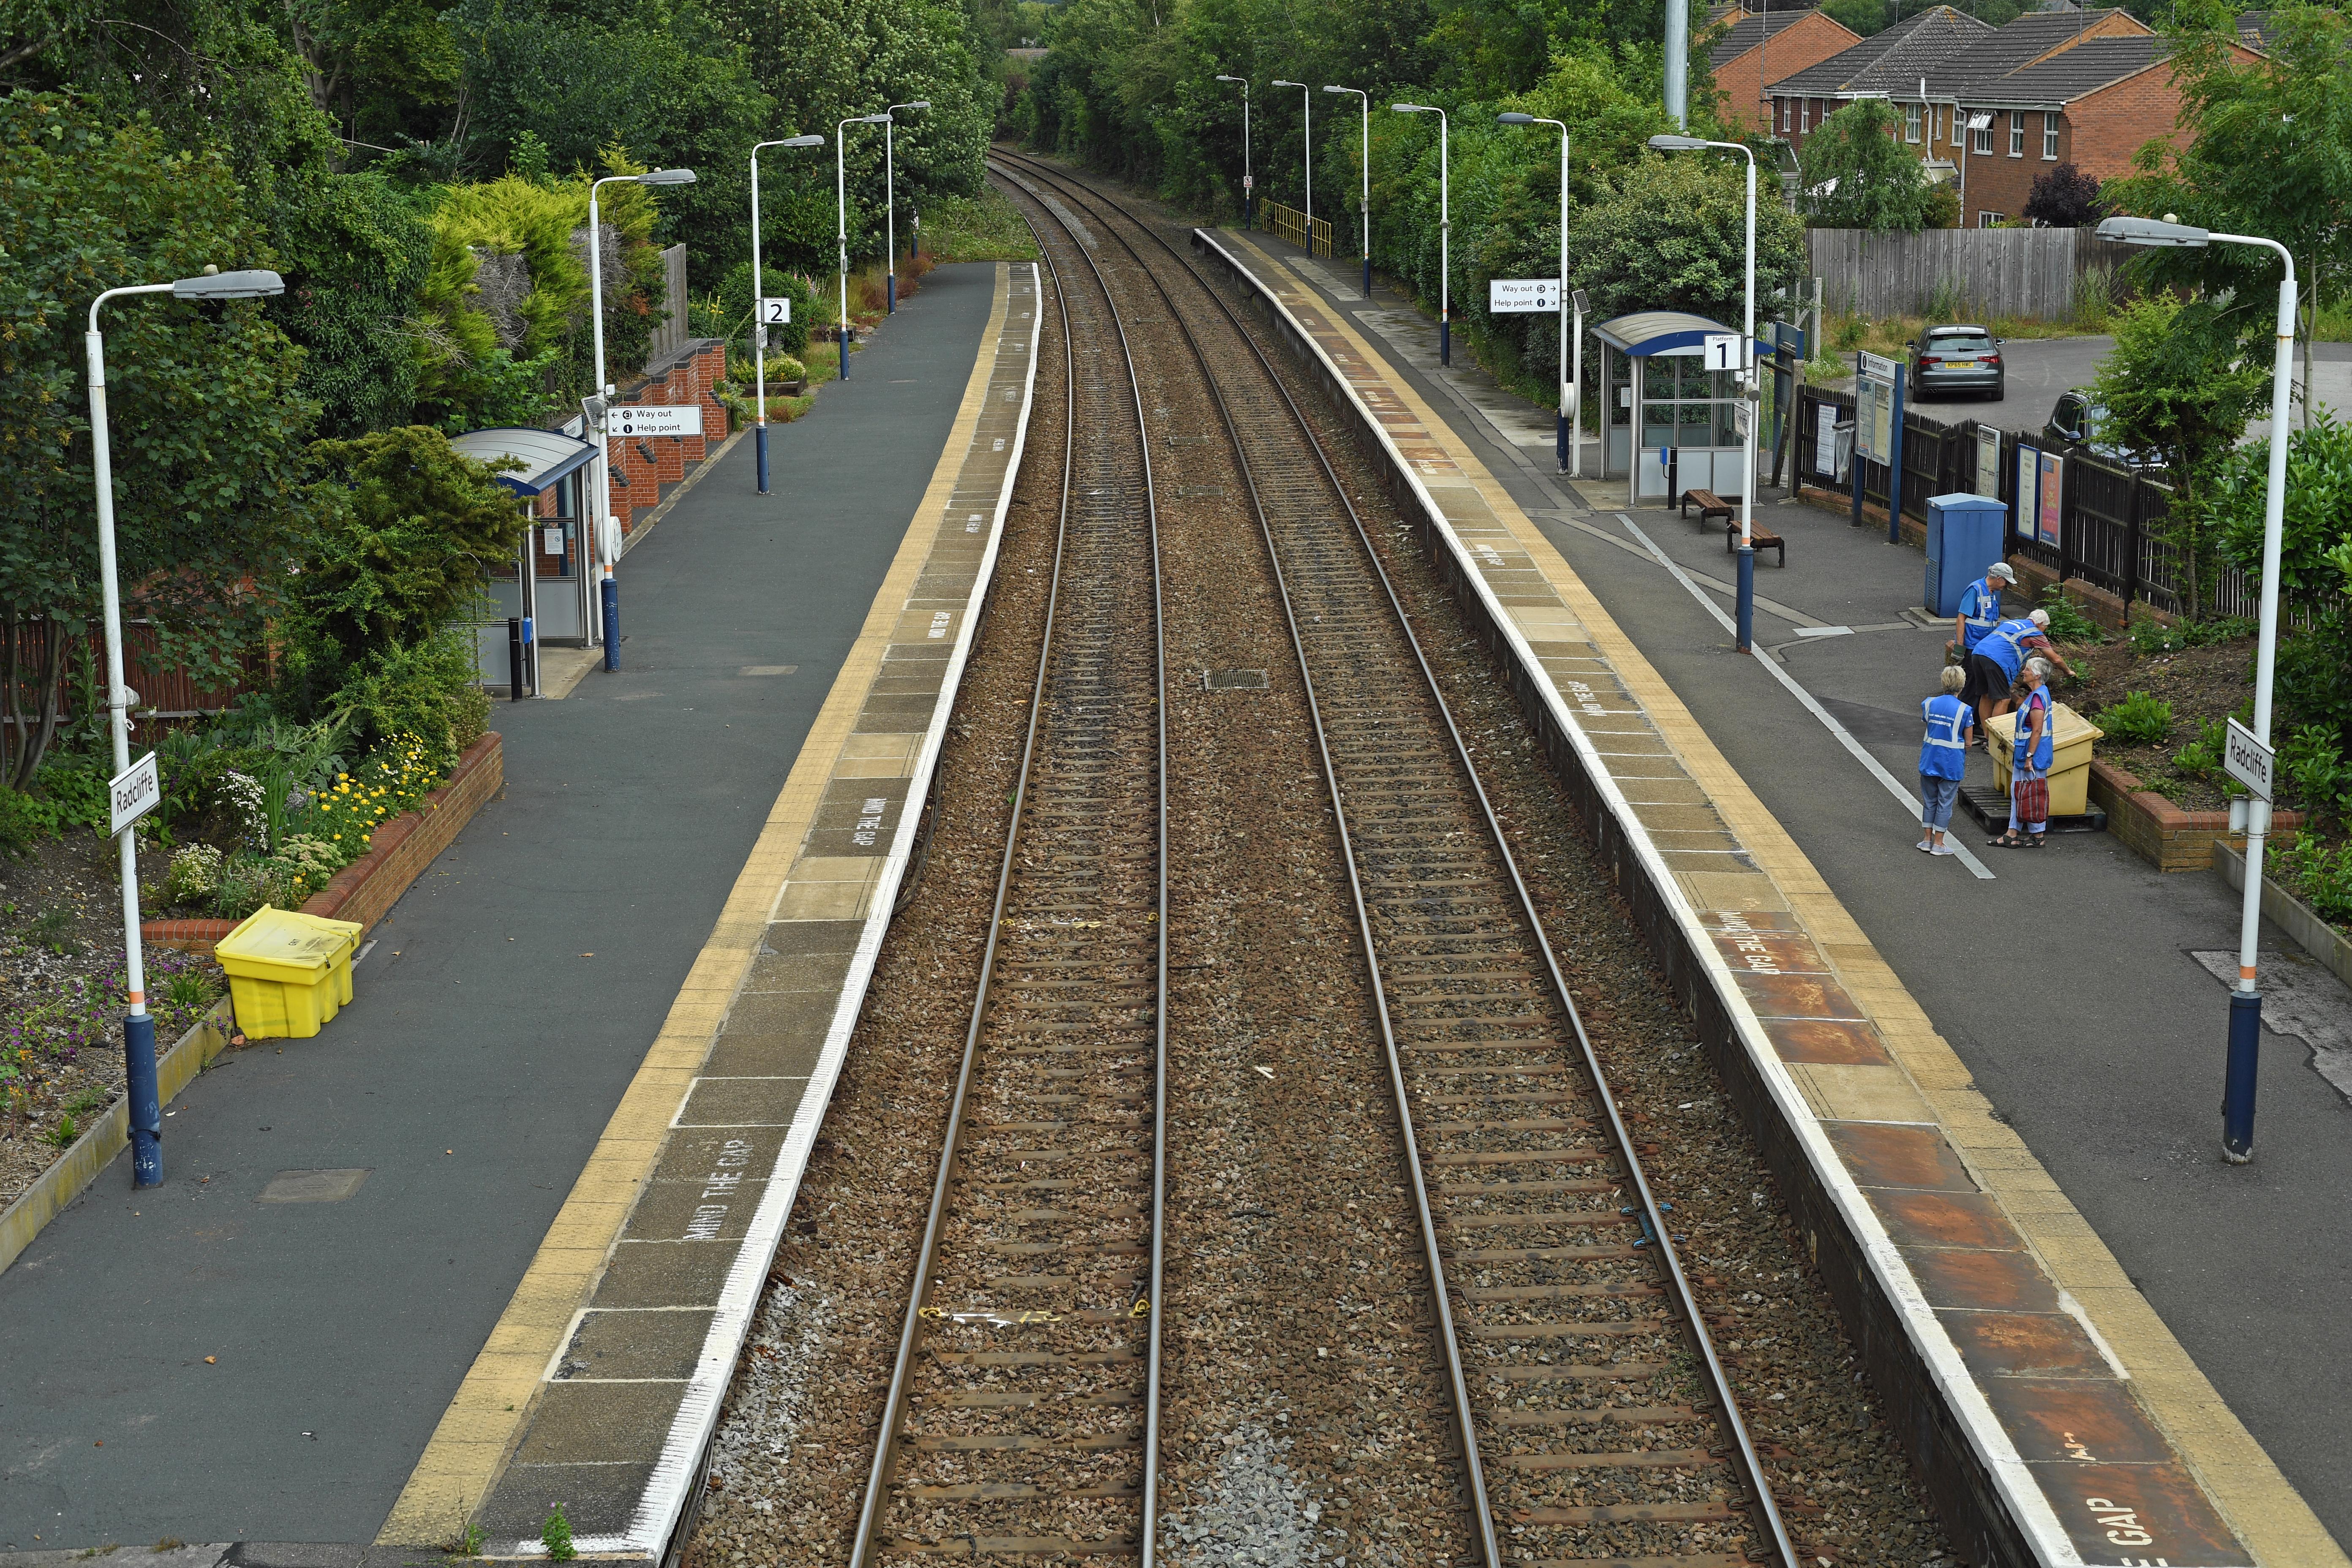 DG329174. Radcliffe station. 18.7.19.